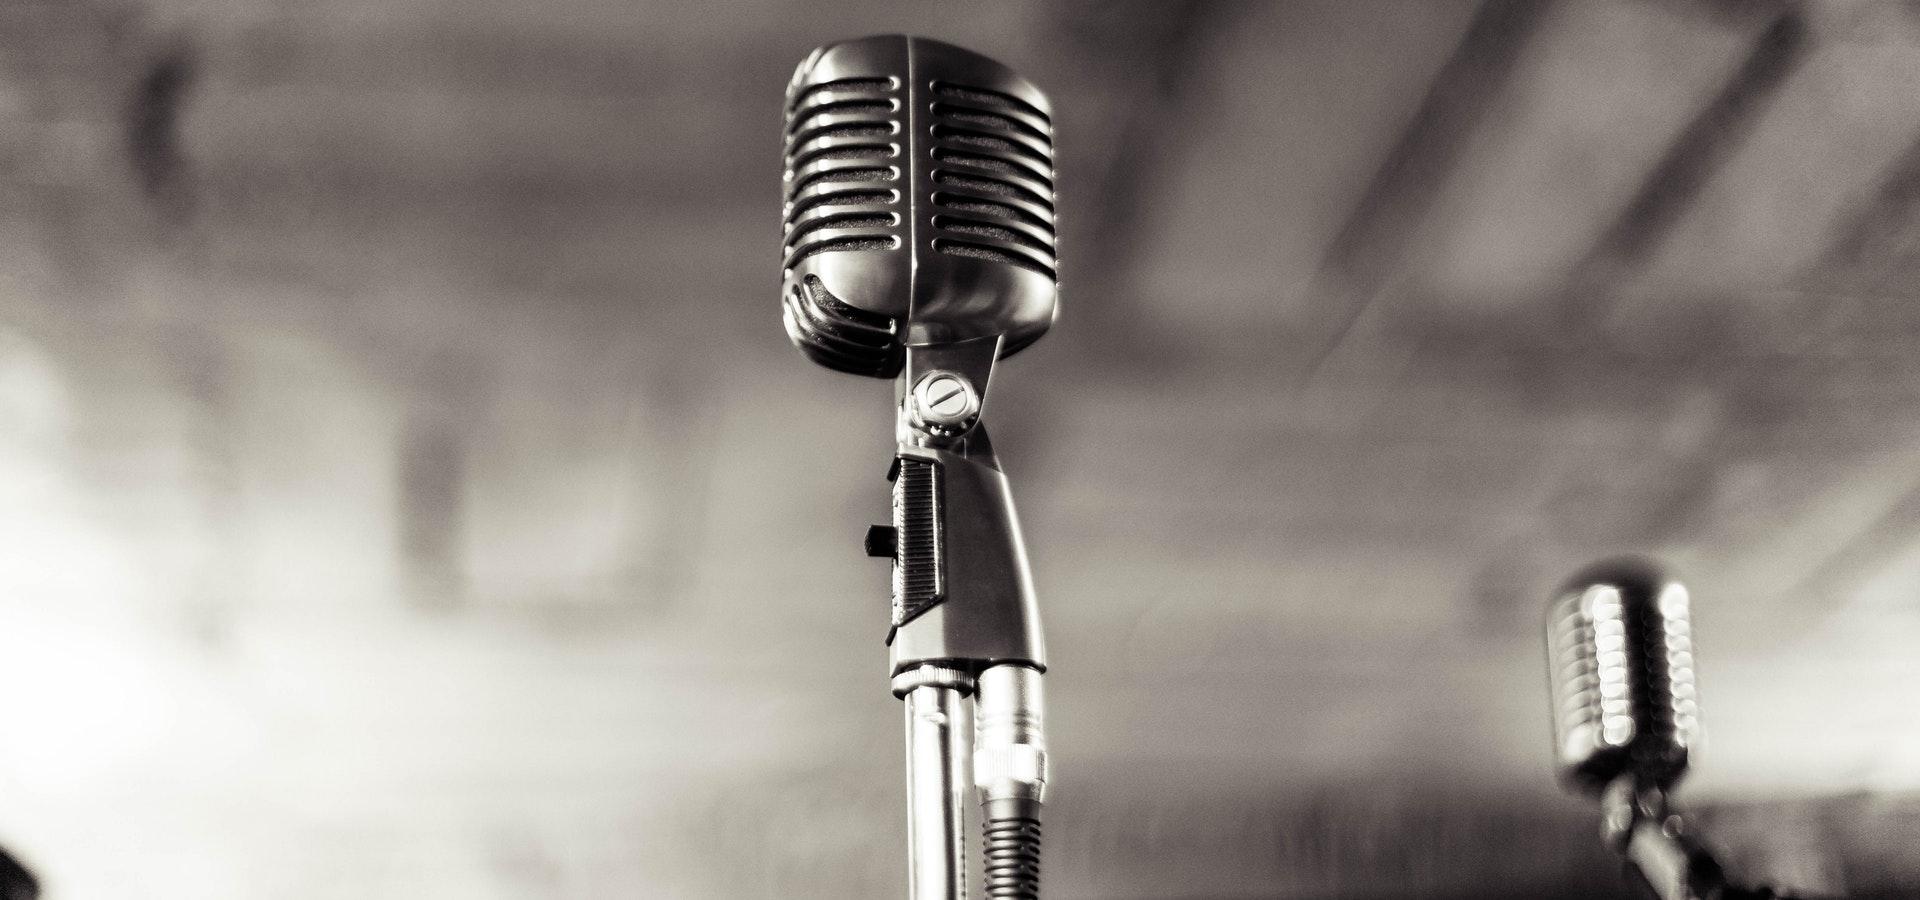 Micrófono en blanco y negro